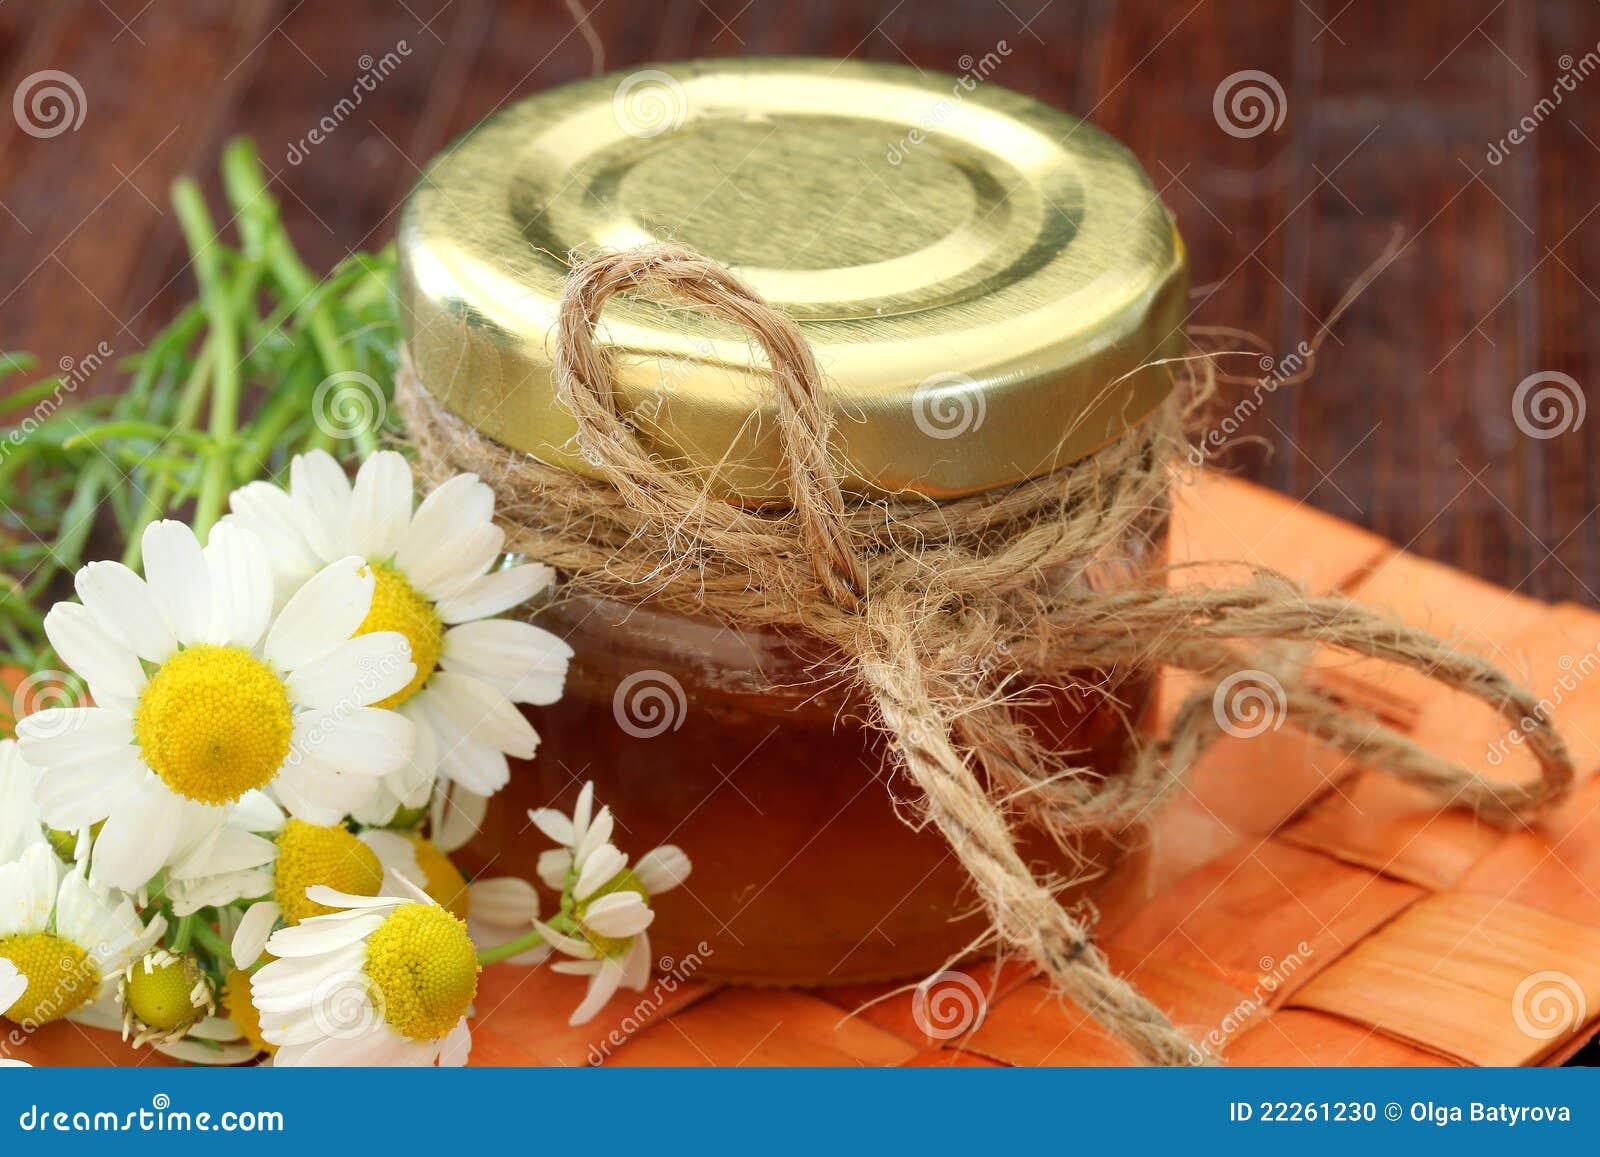 Miel sur une table en bois